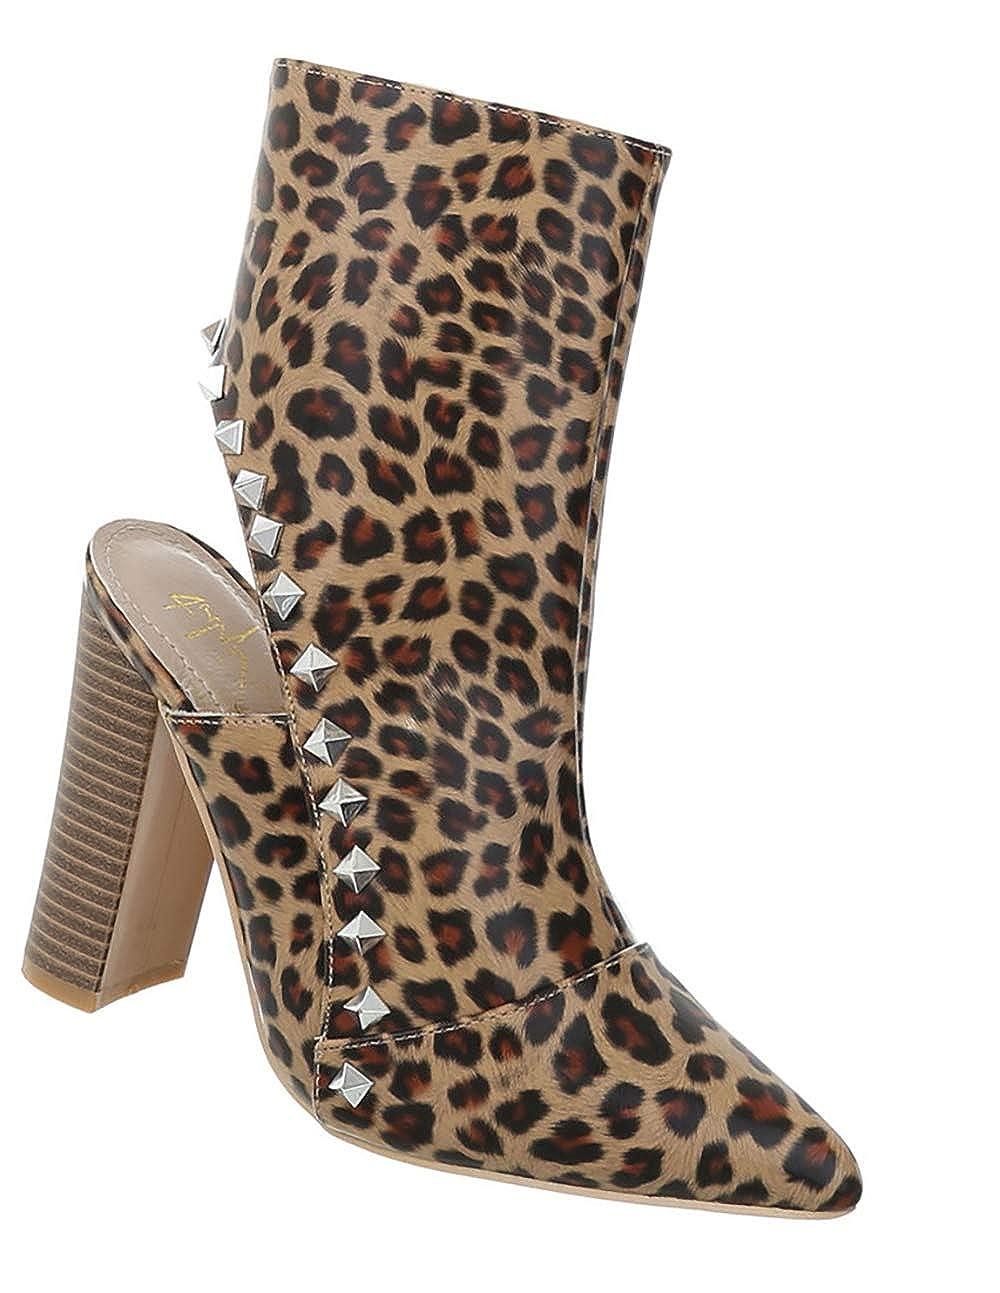 Damen Schuhe Stiefeletten Stiefeletten Stiefeletten Ankle Stiefel spitz Heels Blockabsatz 36-41 a3274a